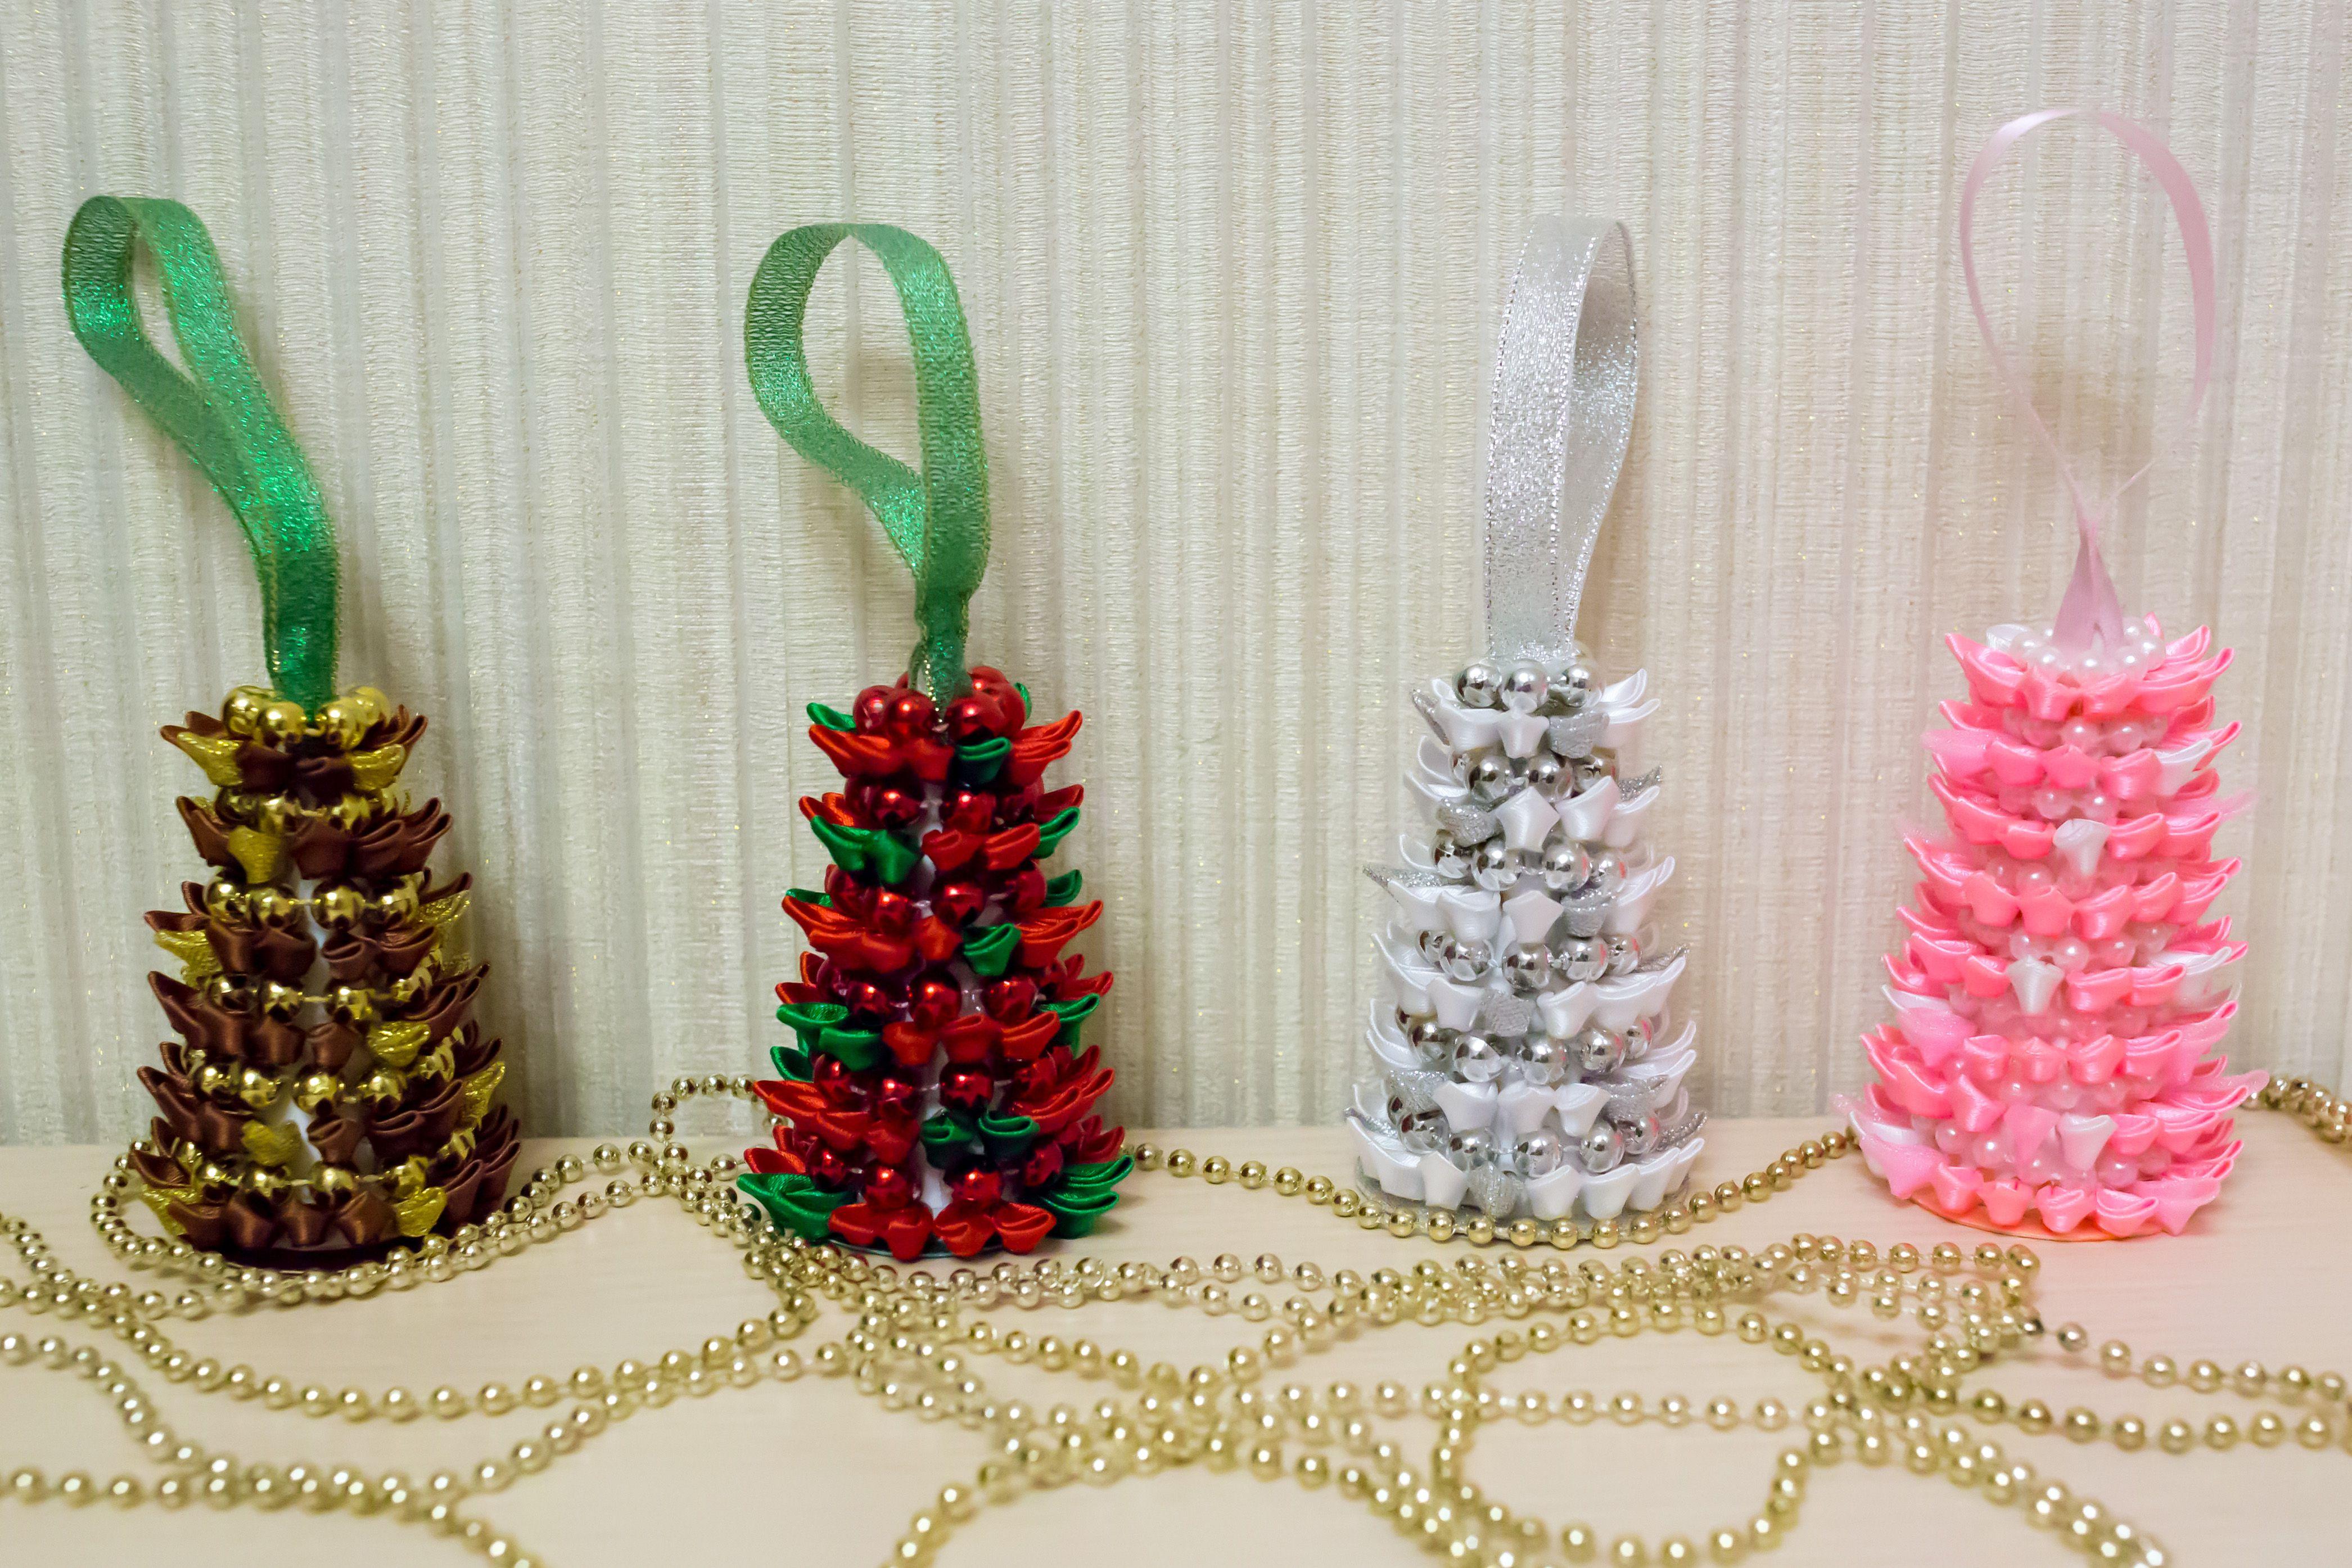 хэнд-мейд елочка ленты декор праздник бусинки творчество подарок красивые